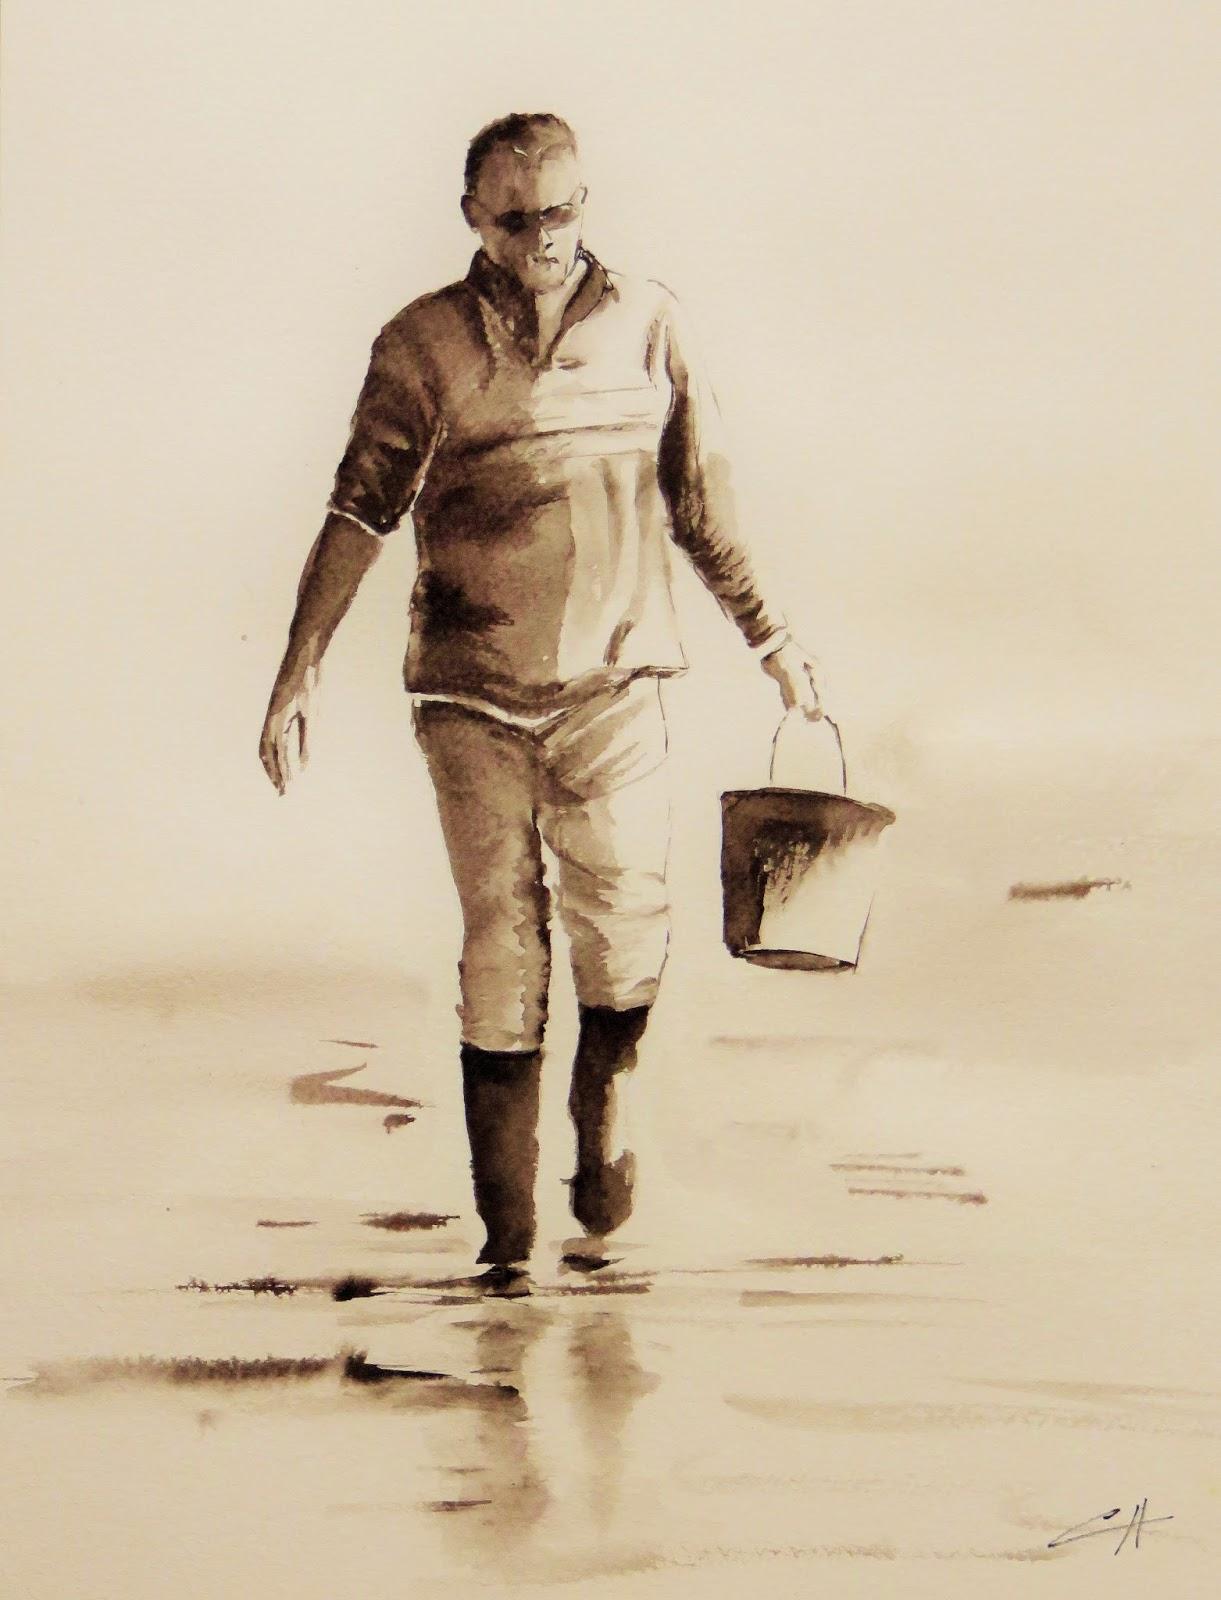 Le retour de la pêche à pied